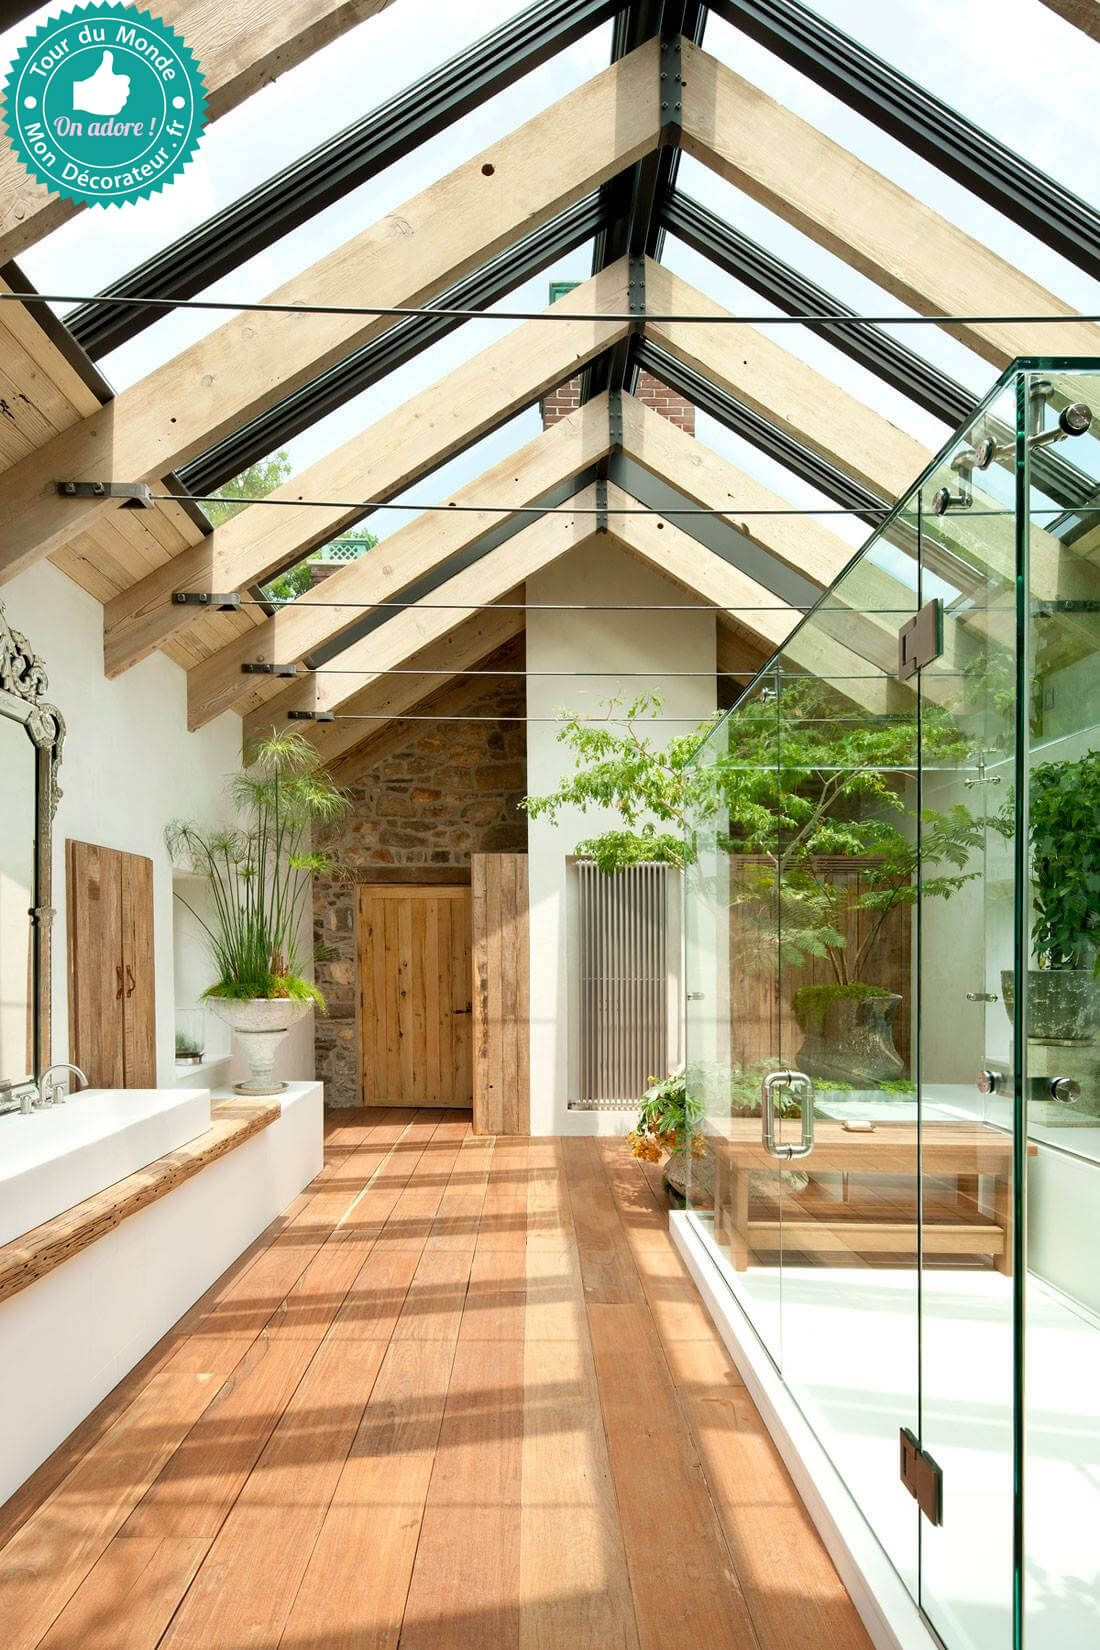 Superbe salle de bain esprit botanique inond e de lumi re mon d corateur d 39 int rieur une for Superbe salle de bain